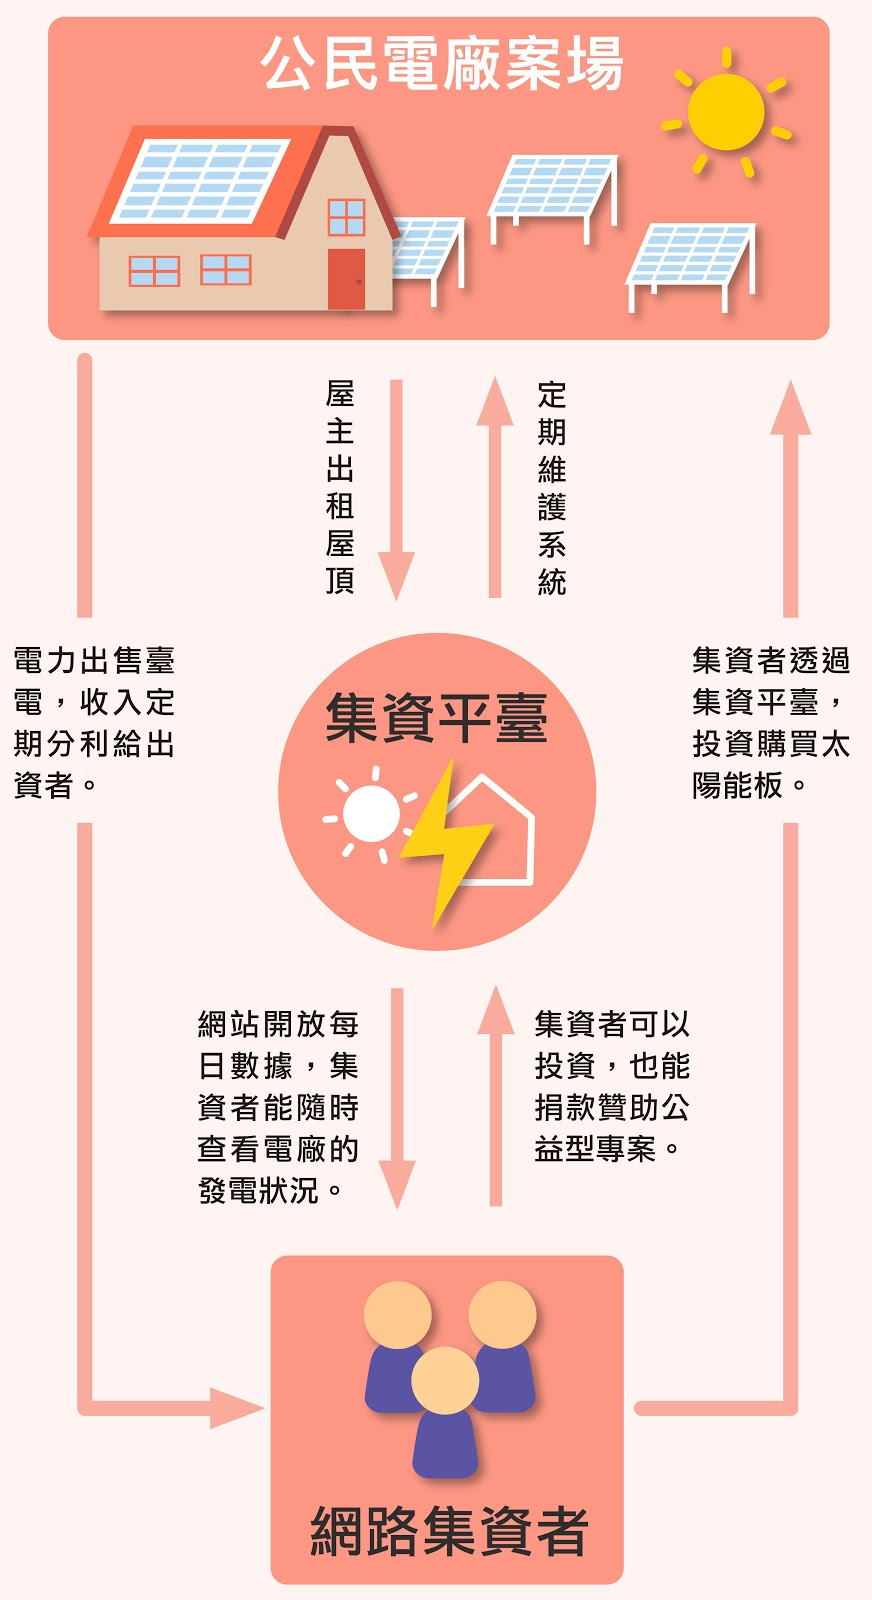 資料來源│陽光伏特家 圖片重製│林洵安